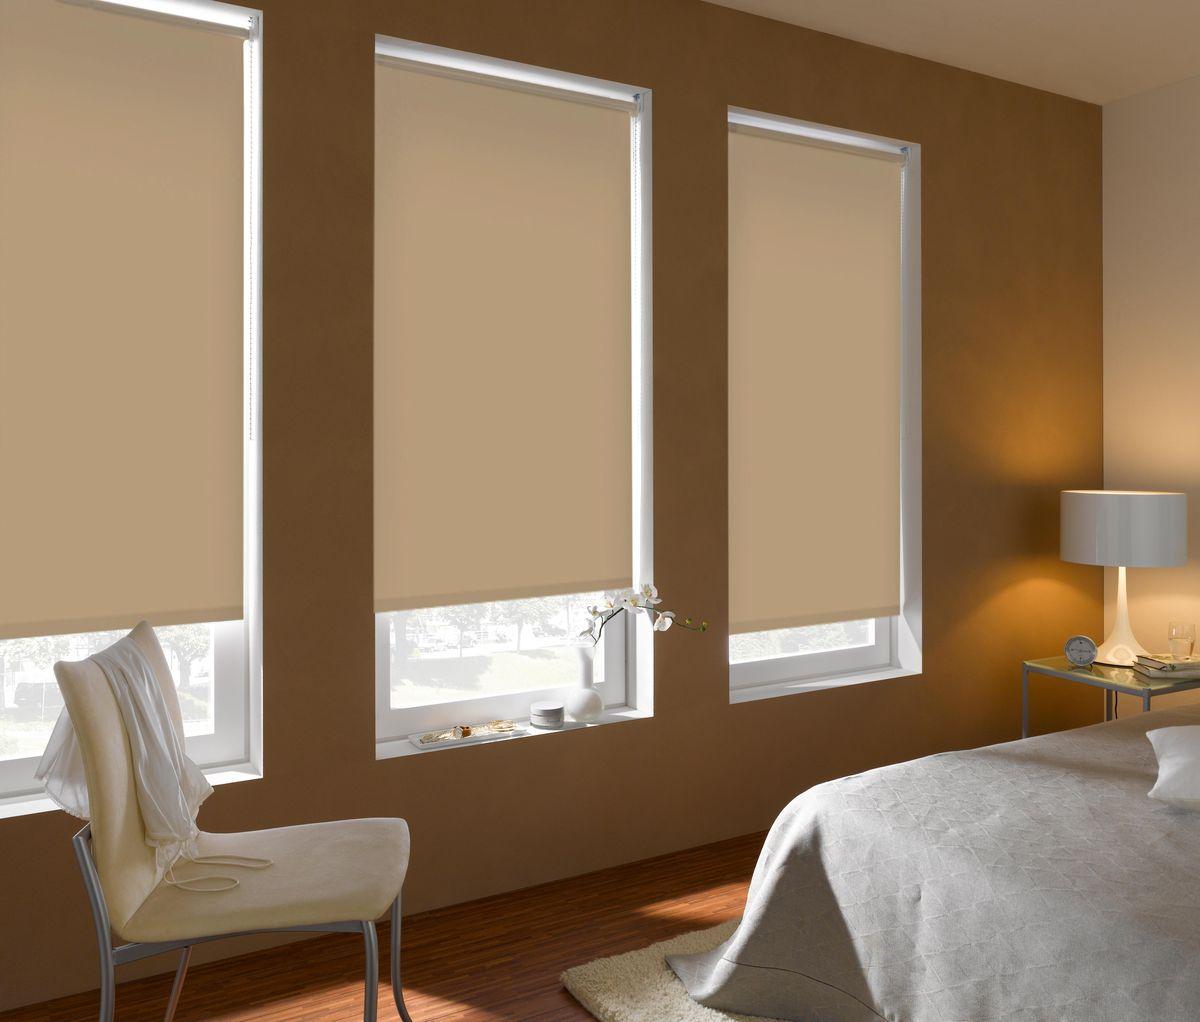 Штора рулонная Эскар Blackout, светонепроницаемая, цвет: бежевый, ширина 130 см, высота 170 см1004900000360Рулонными шторами можно оформлять окна как самостоятельно, так и использовать в комбинации с портьерами. Это поможет предотвратить выгорание дорогой ткани на солнце и соединит функционал рулонных с красотой навесных.Преимущества применения рулонных штор для пластиковых окон:- имеют прекрасный внешний вид: многообразие и фактурность материала изделия отлично смотрятся в любом интерьере; - многофункциональны: есть возможность подобрать шторы способные эффективно защитить комнату от солнца, при этом она не будет слишком темной.- Есть возможность осуществить быстрый монтаж.ВНИМАНИЕ! Размеры ширины изделия указаны по ширине ткани!Во время эксплуатации не рекомендуется полностью разматывать рулон, чтобы не оторвать ткань от намоточного вала.В случае загрязнения поверхности ткани, чистку шторы проводят одним из способов, в зависимости от типа загрязнения: легкое поверхностное загрязнение можно удалить при помощи канцелярского ластика; чистка от пыли производится сухим методом при помощи пылесоса с мягкой щеткой-насадкой; для удаления пятна используйте мягкую губку с пенообразующим неагрессивным моющим средством или пятновыводитель на натуральной основе (нельзя применять растворители).